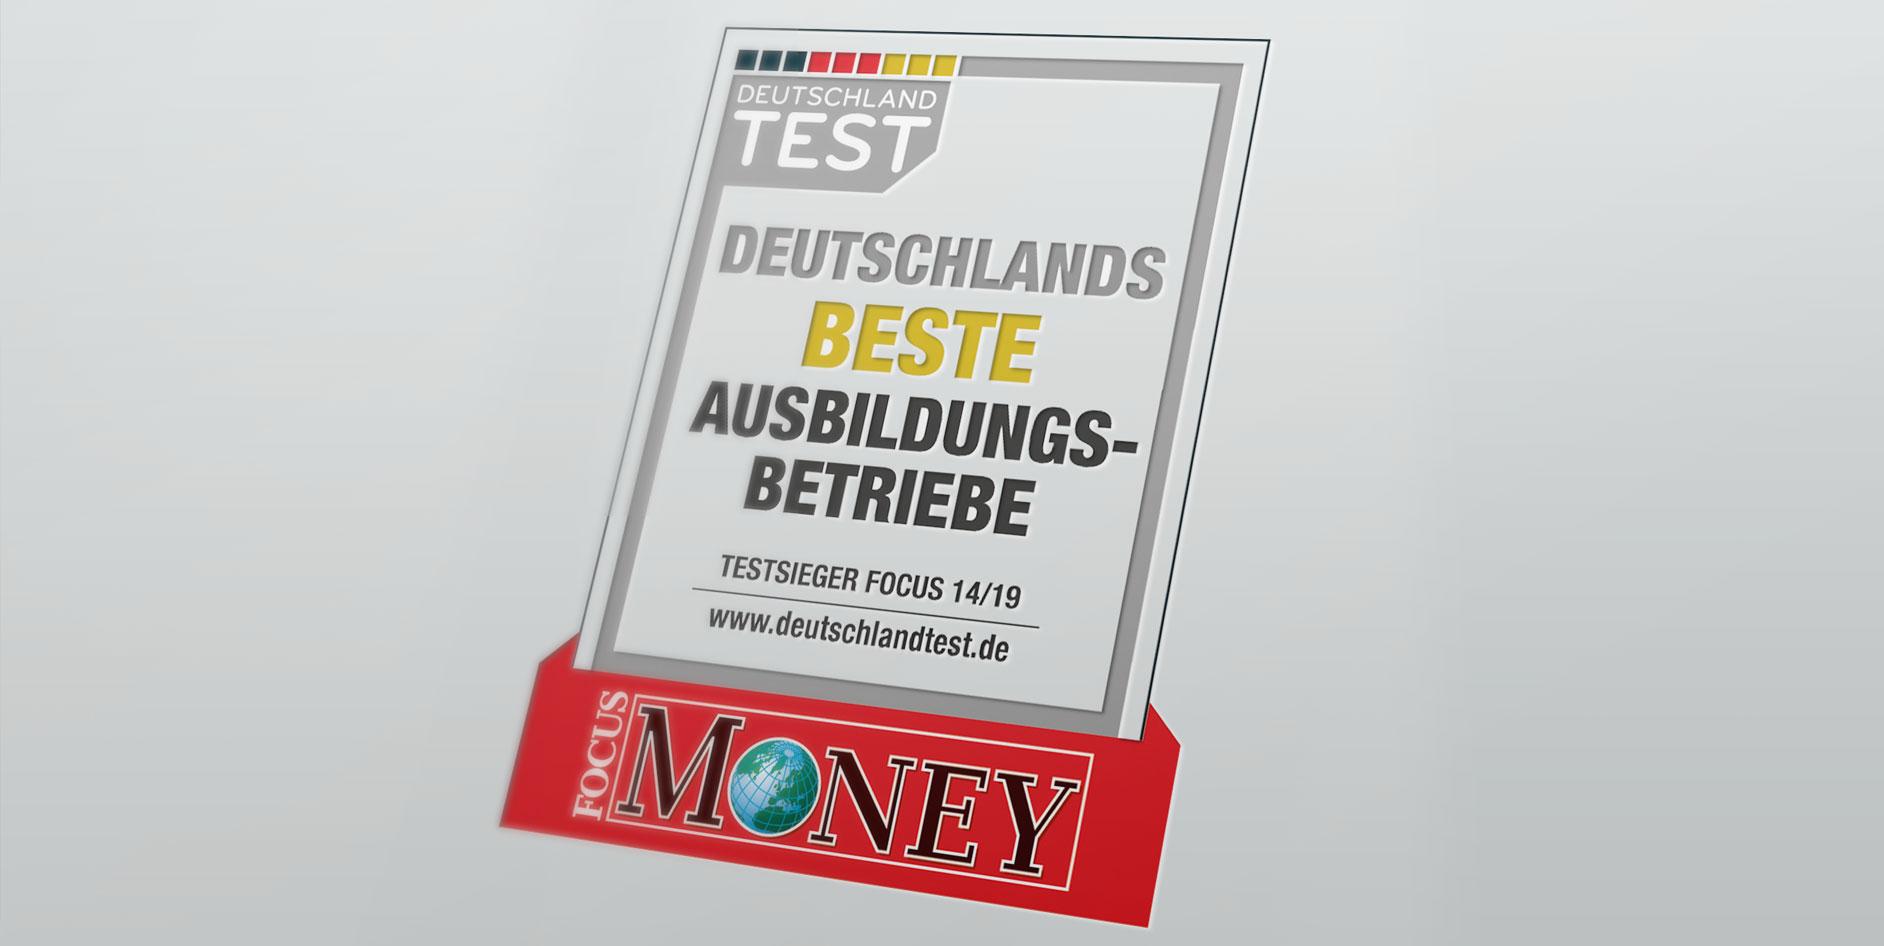 Die EAM zählt zu Deutschlands besten Ausbildungsbetrieben 2019.